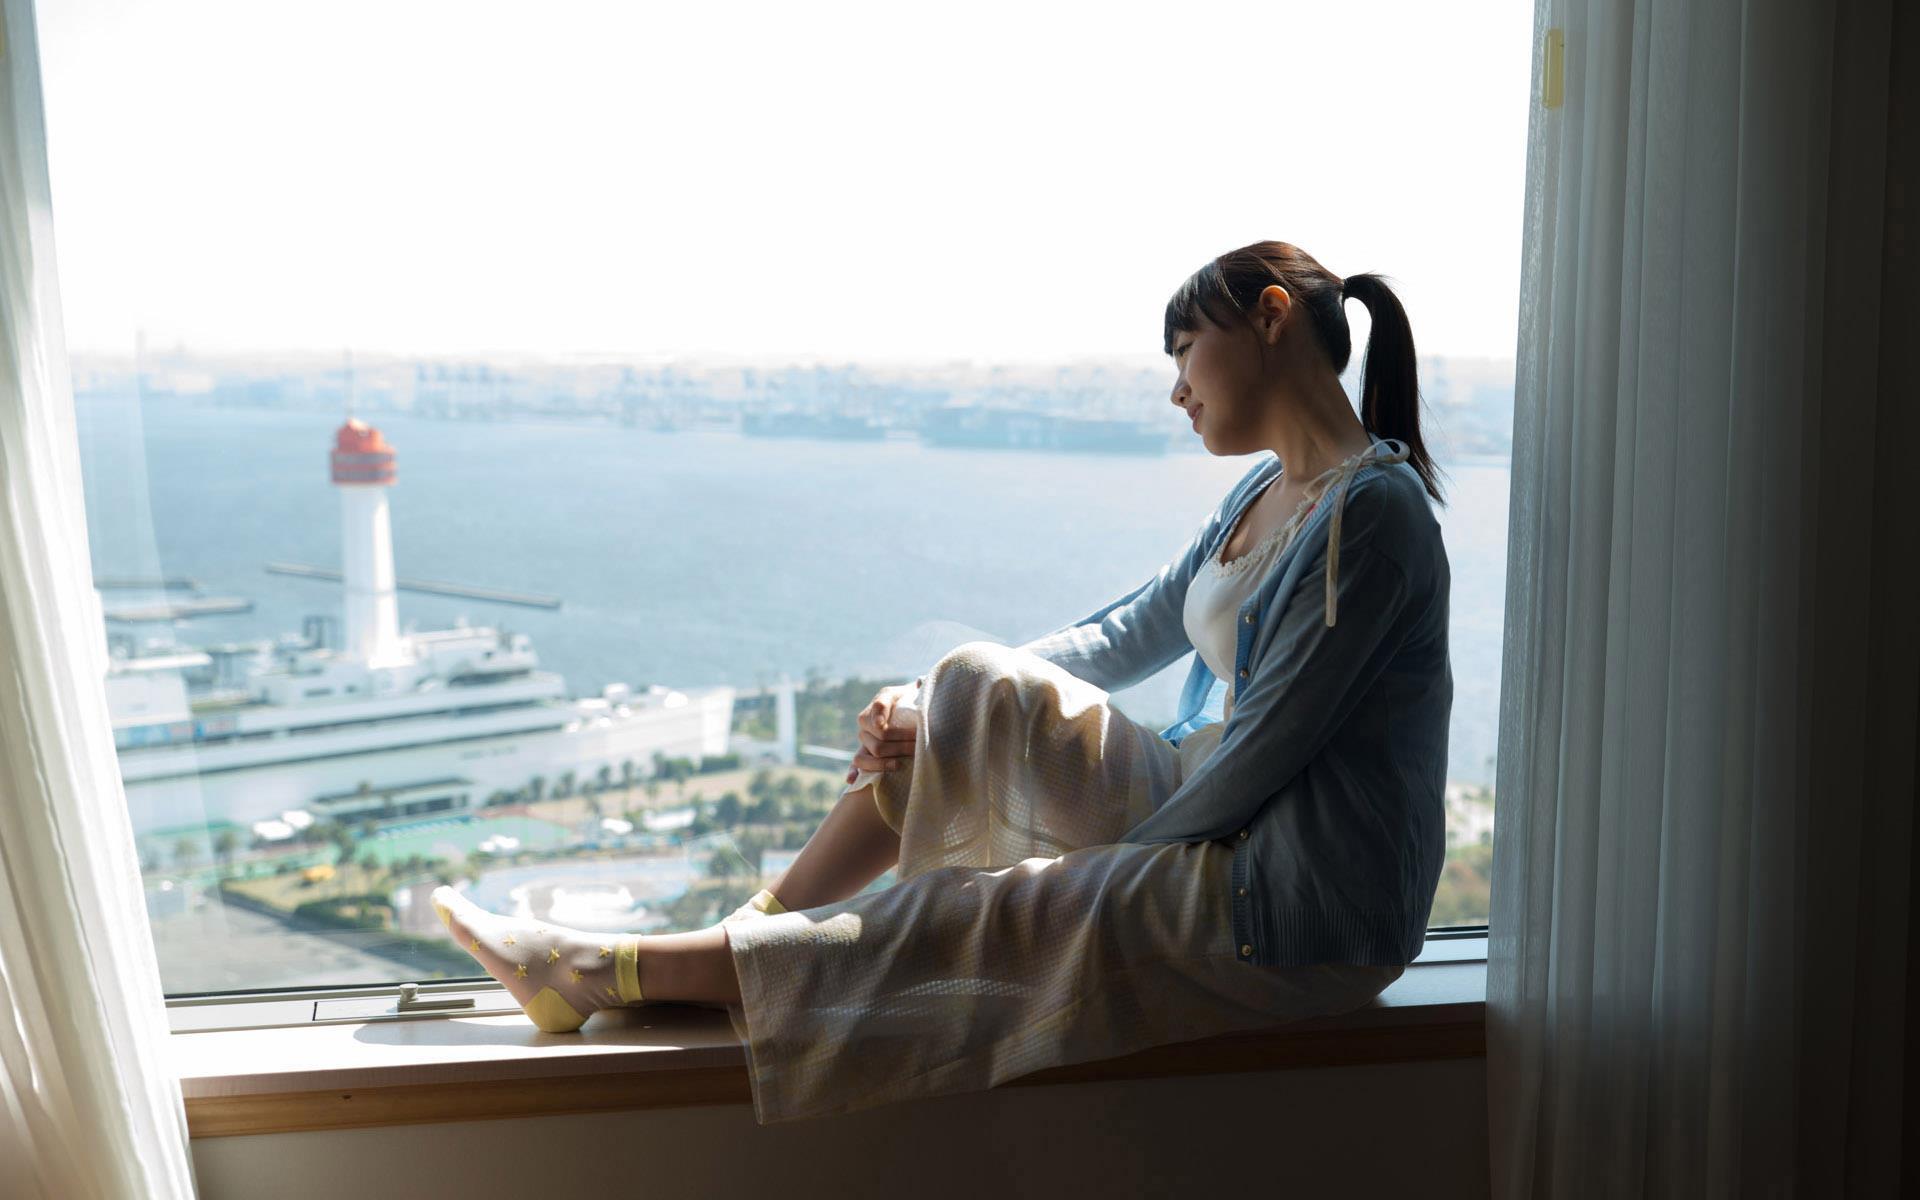 浜崎真緒(はまさきまお) ロリ顔ポニーテール、色白柔らかそうなおっぱいに包まれるセックスAV女優画像 143枚 No.37